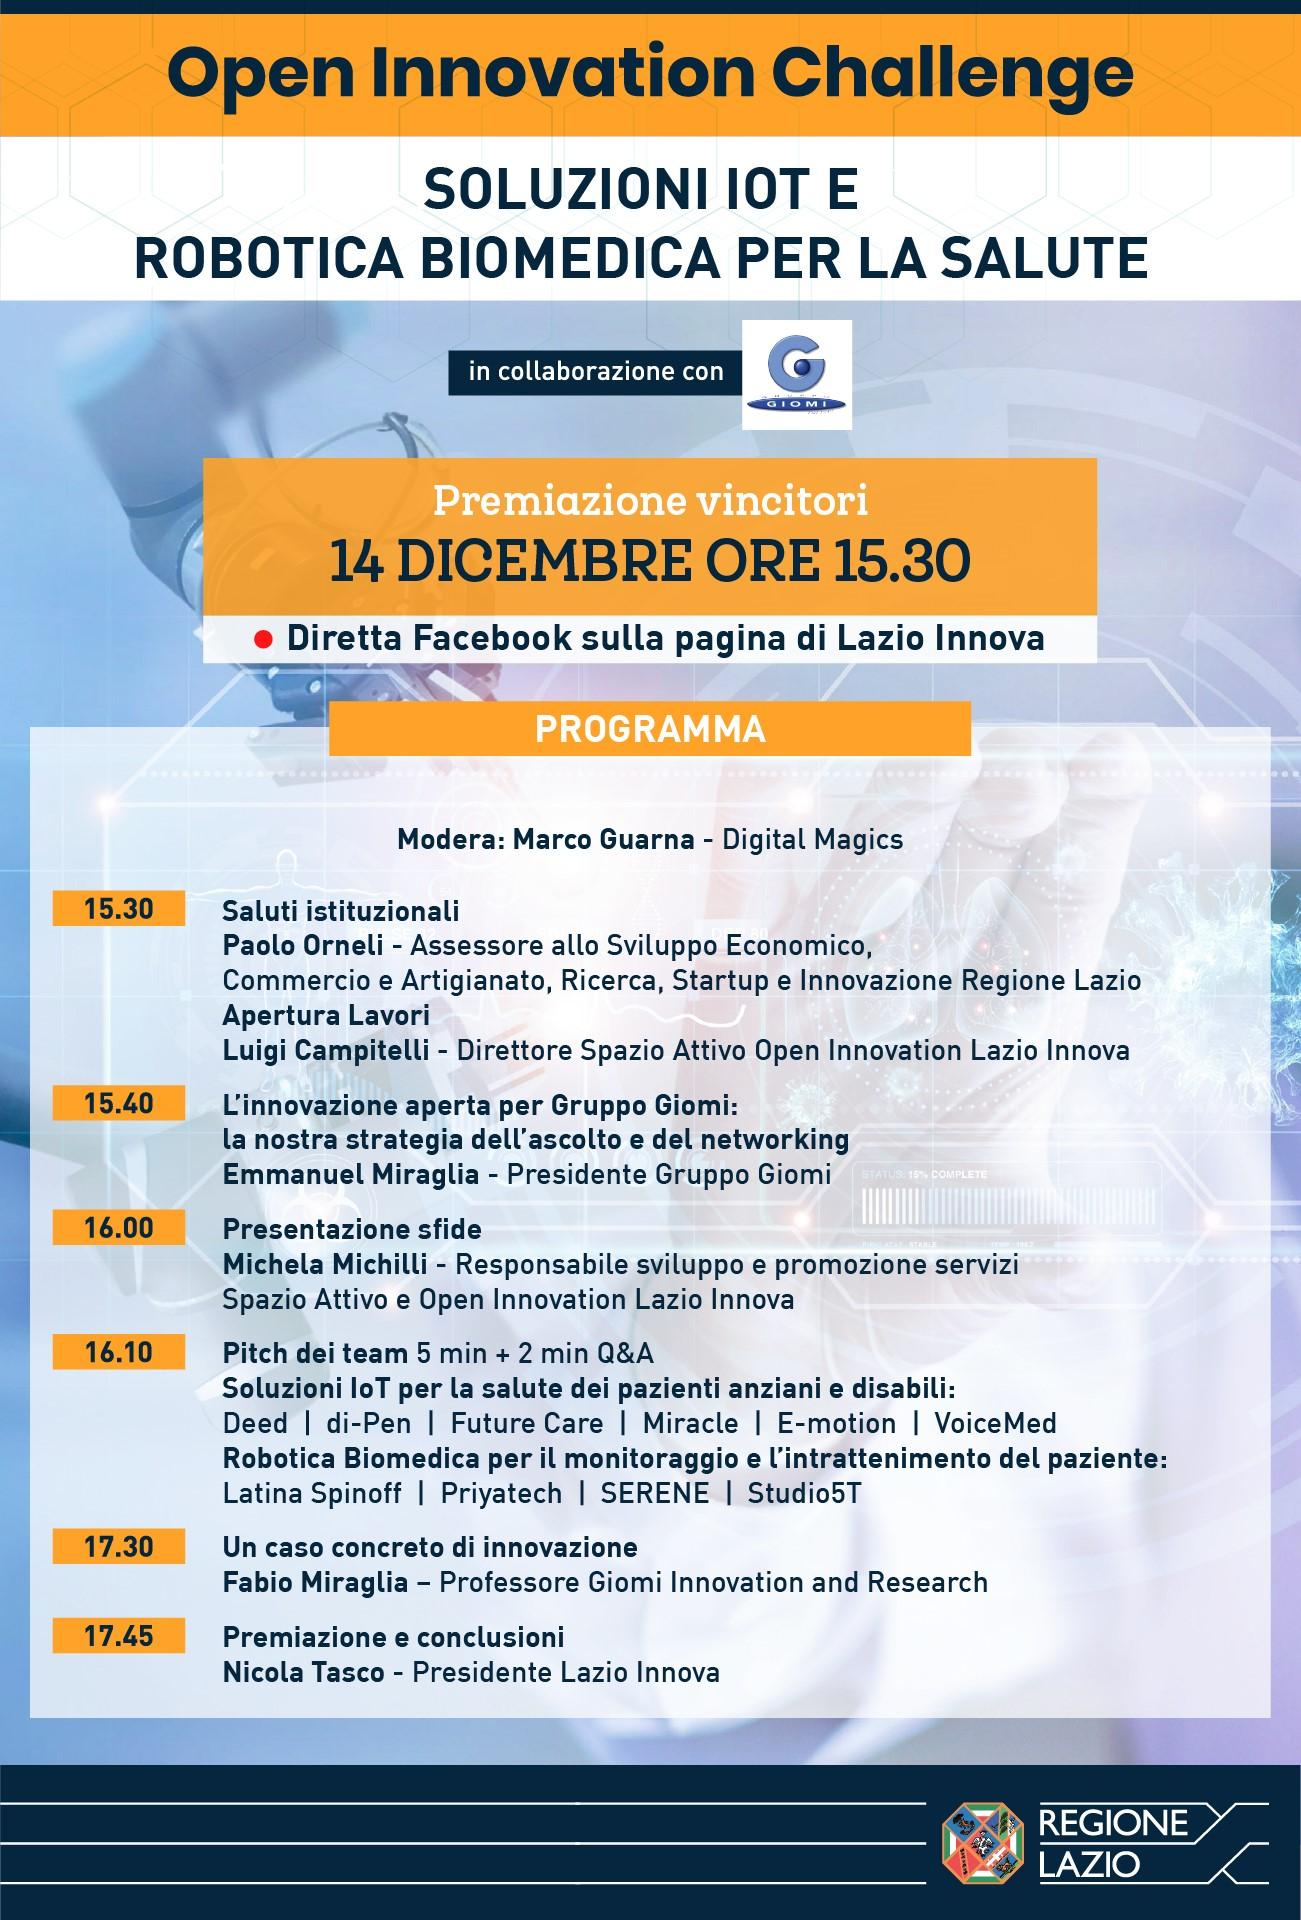 programma-open-innovation-challenge